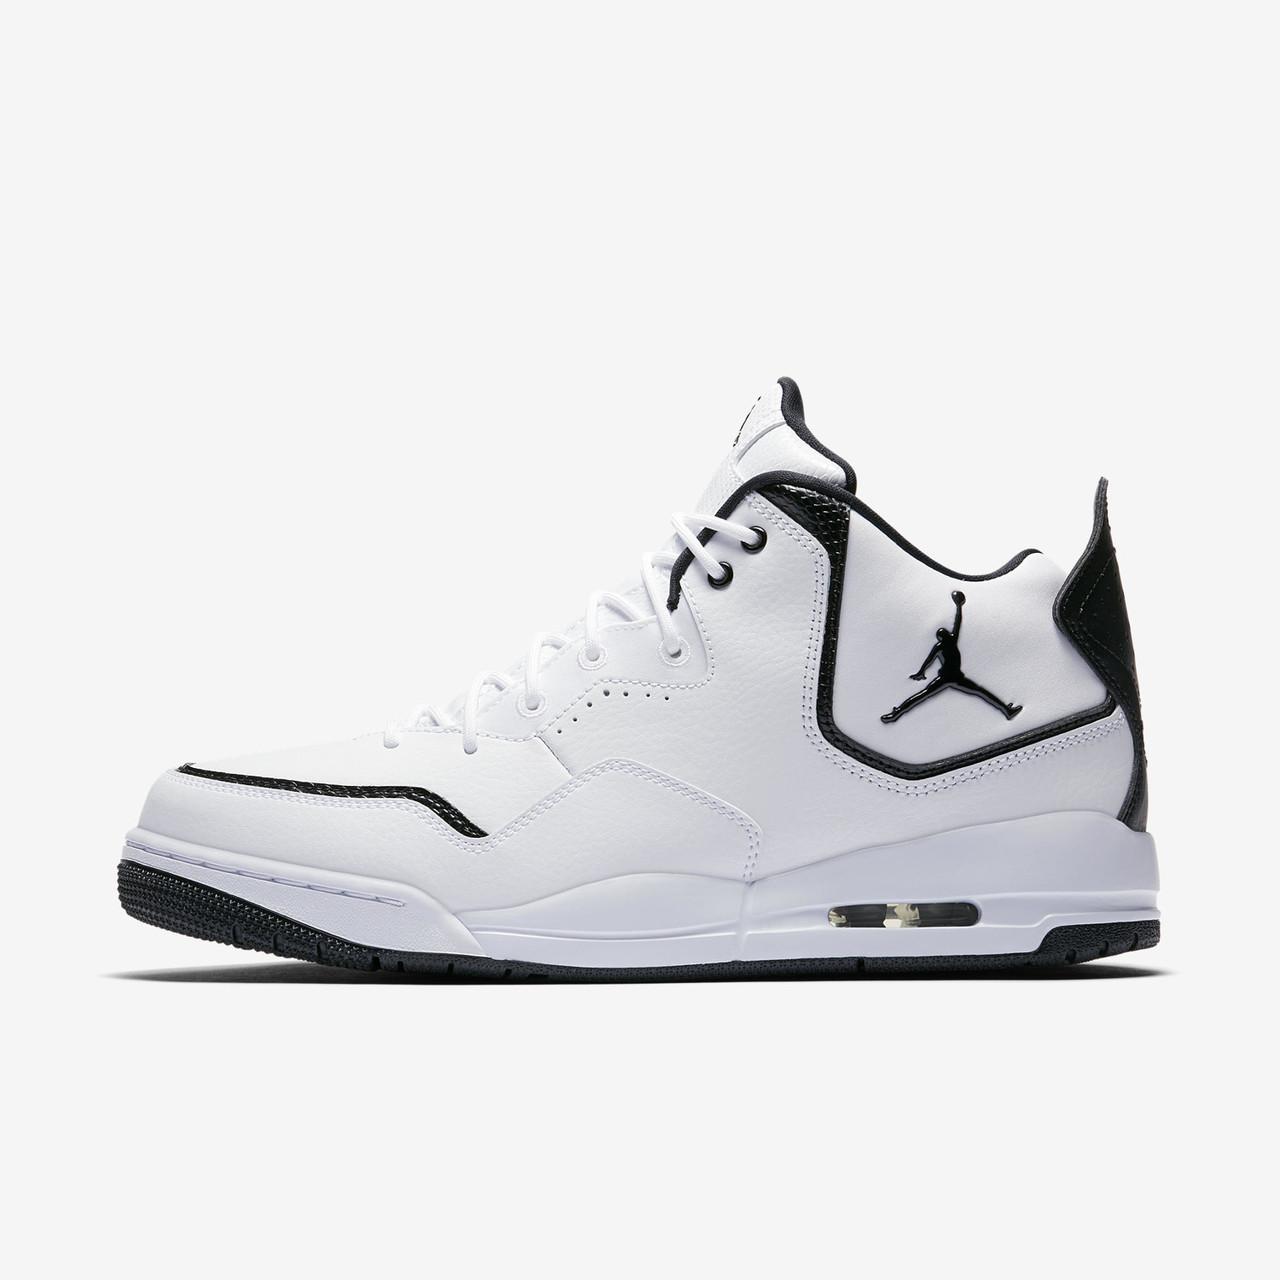 49b5a282 Оригинальные кроссовки Jordan Courtside 23 - Sport-Sneakers - Оригинальные  кроссовки - Sneakerhead UA в